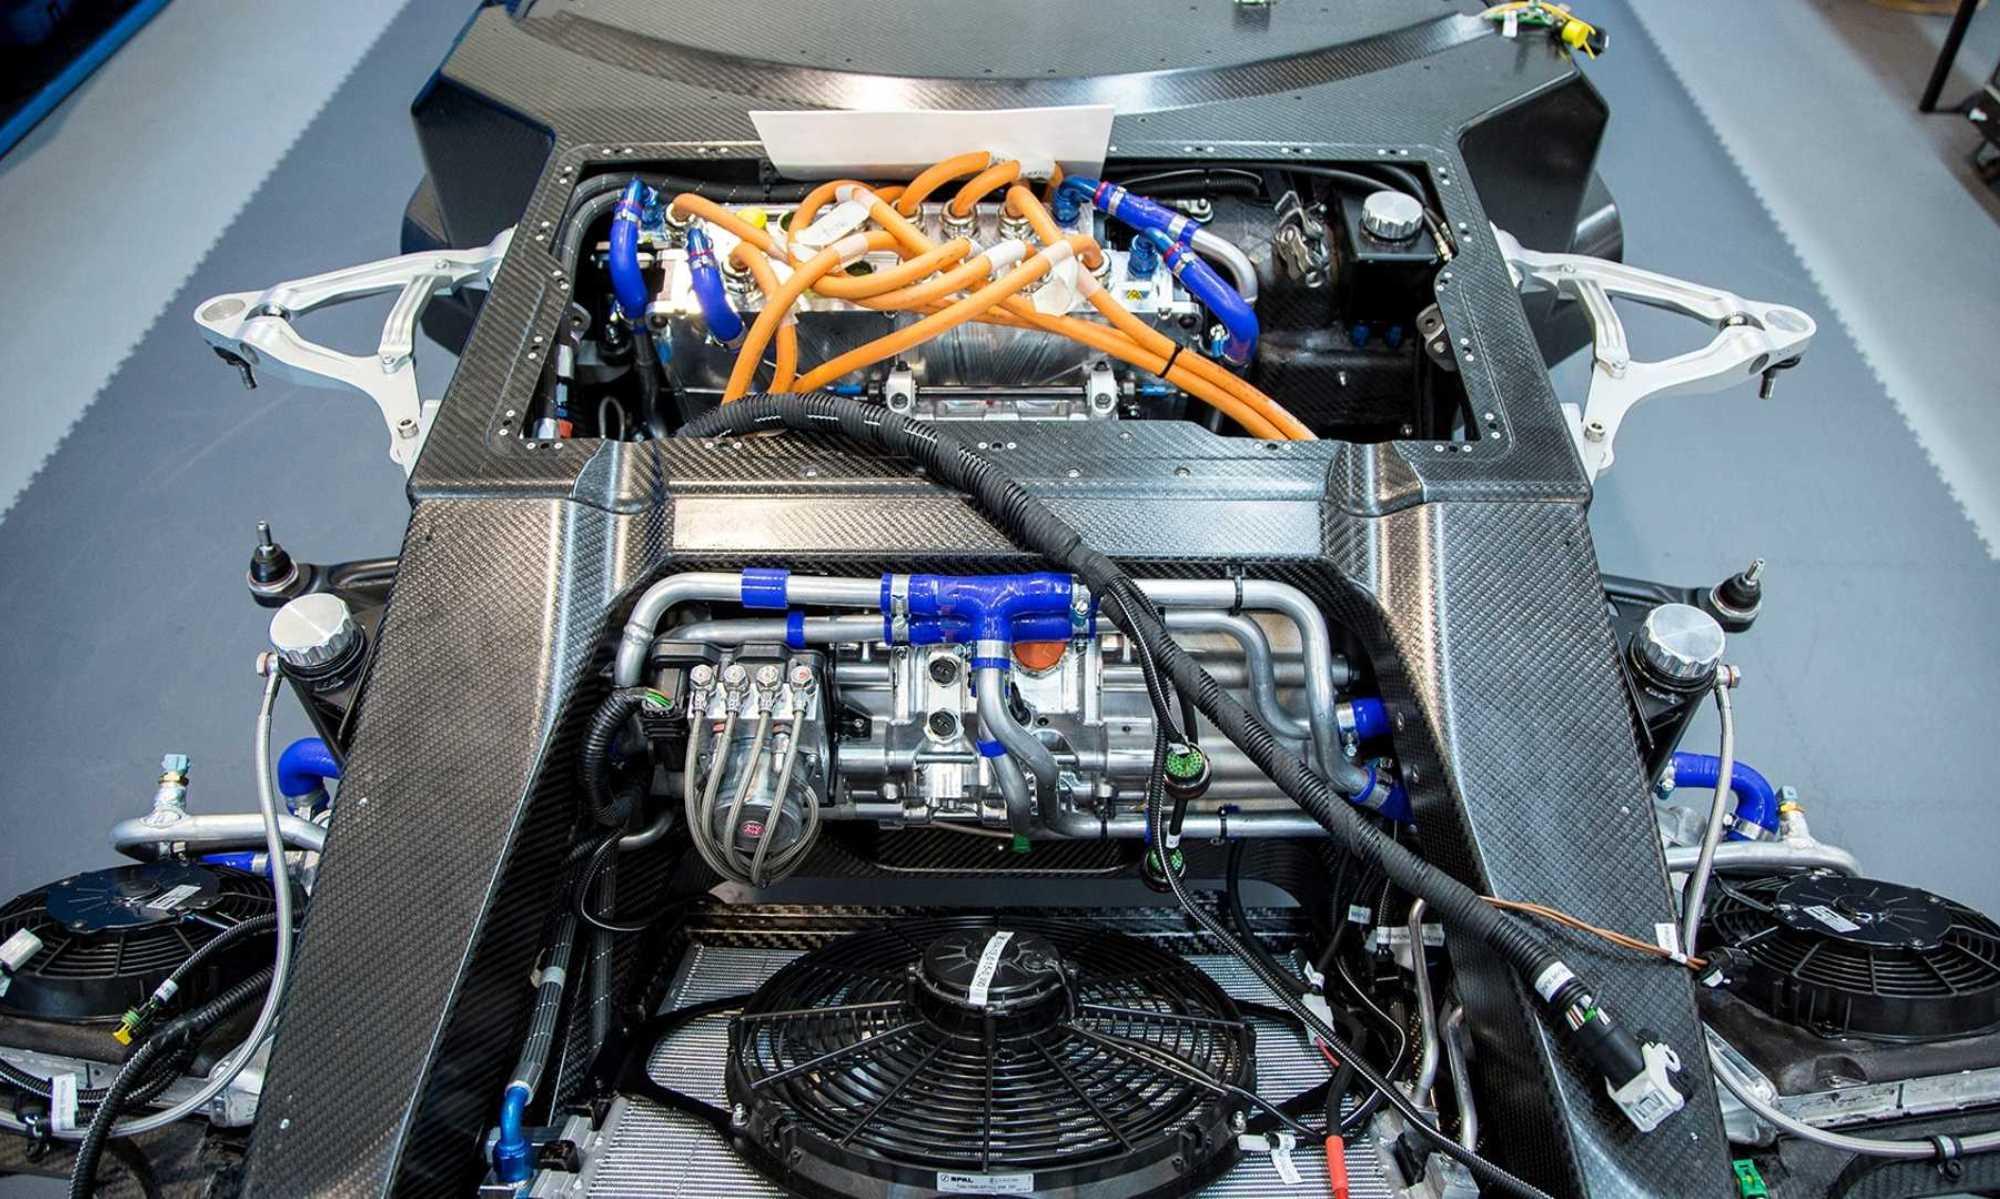 Aspark Owl electronics